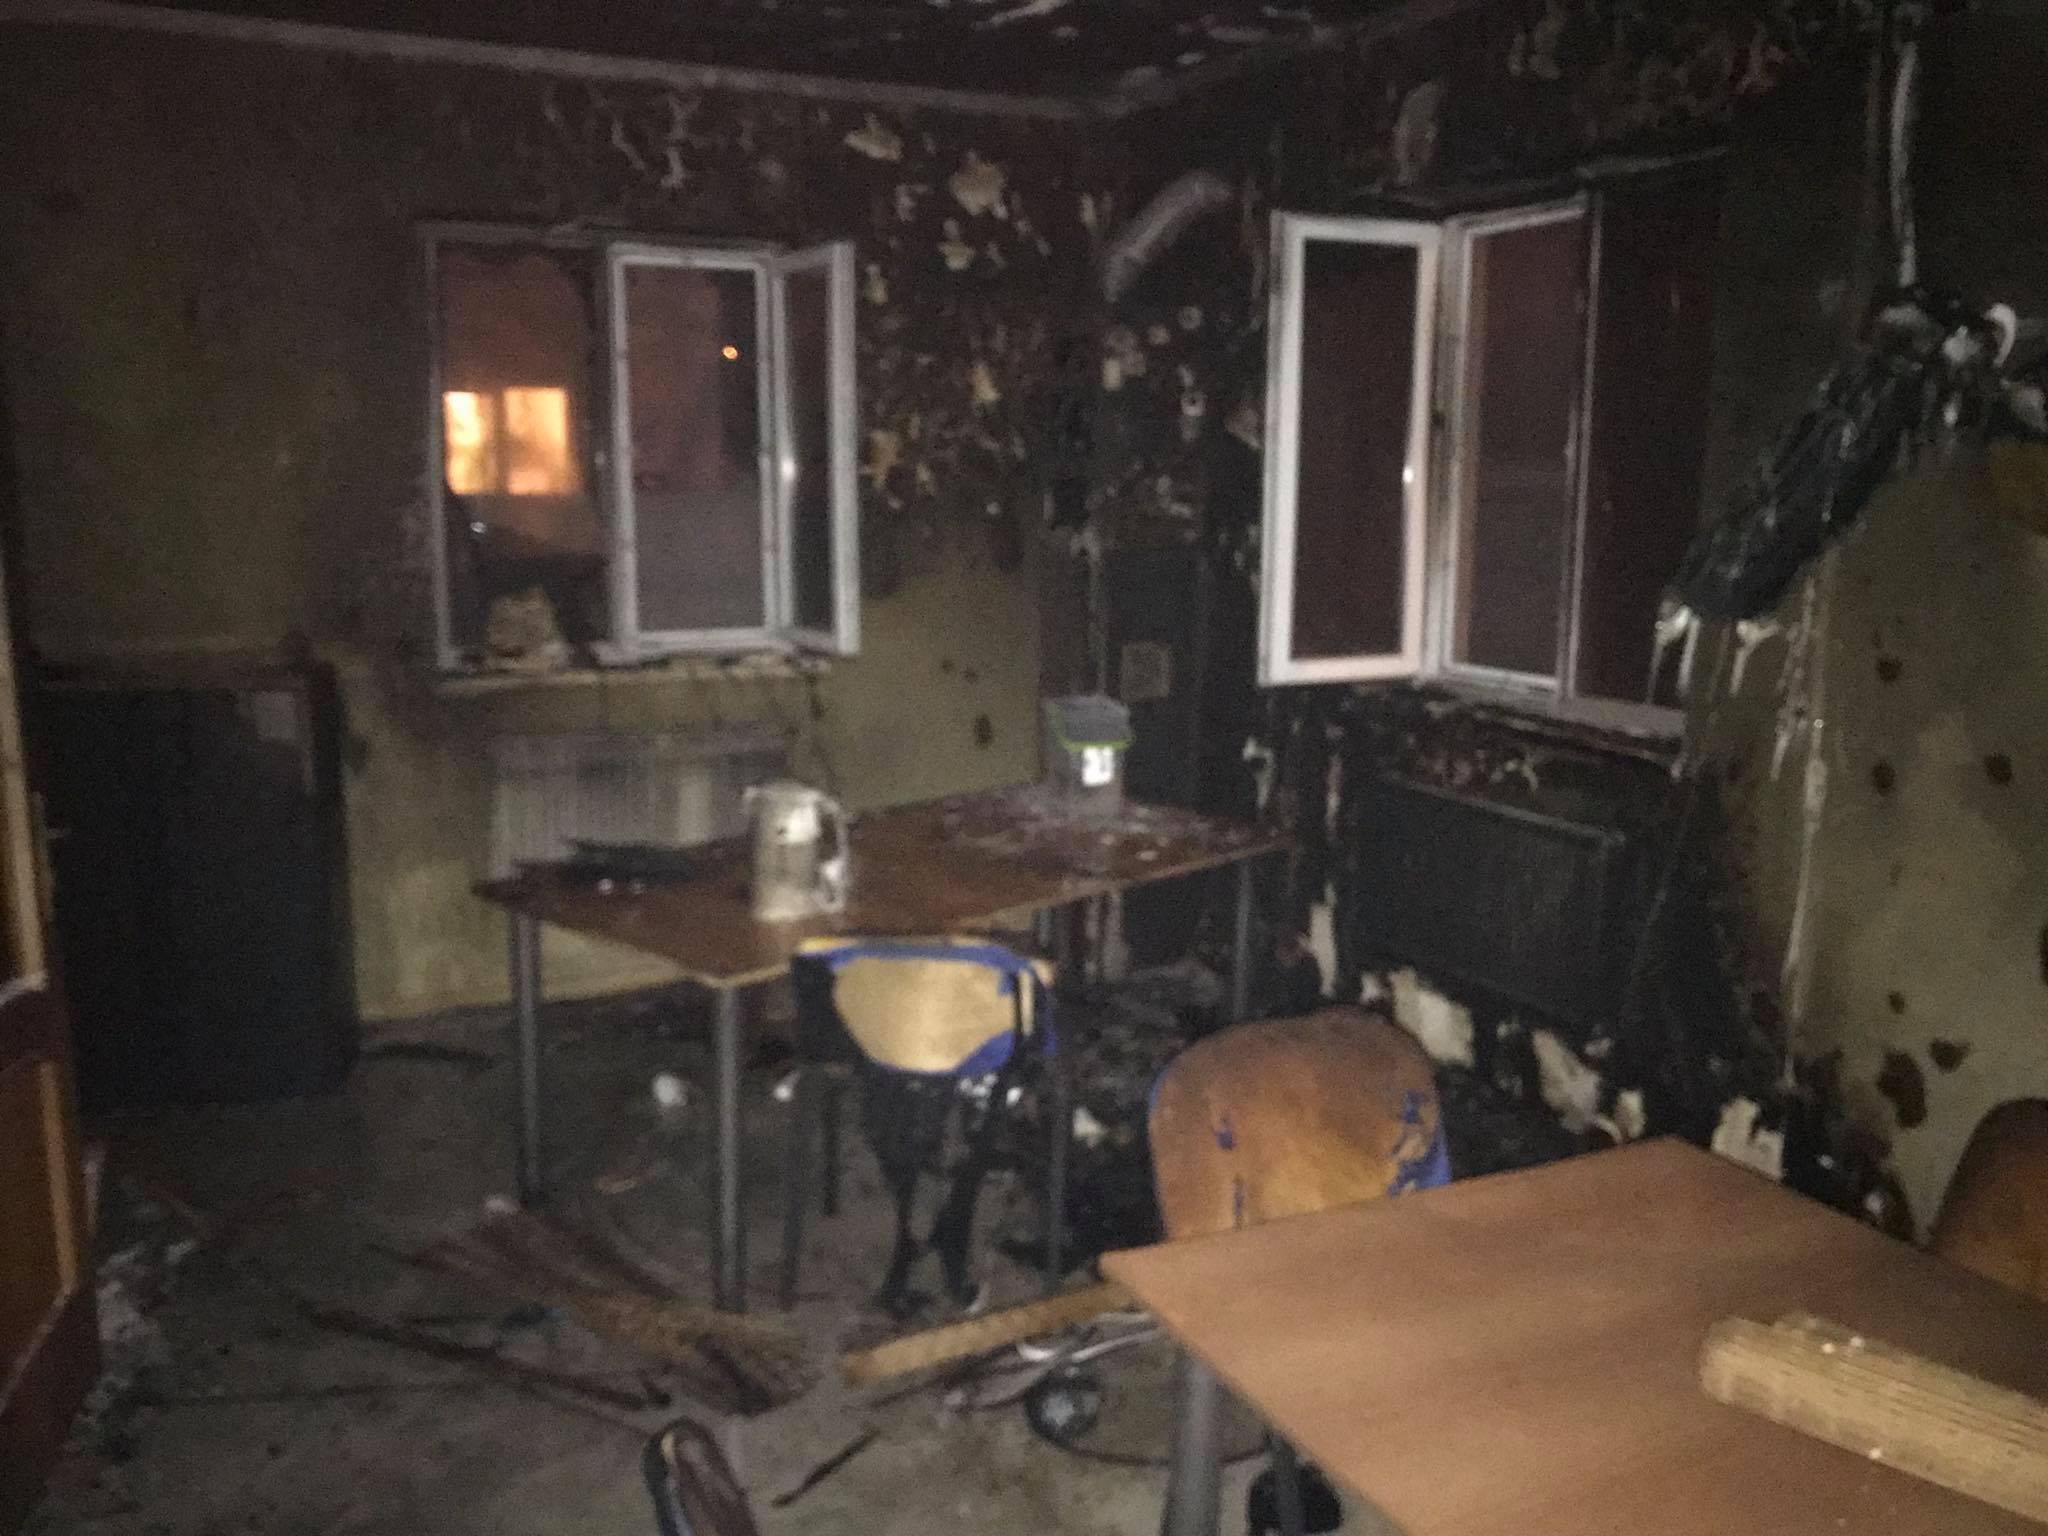 Рівненська прокуратура взяла на контроль розслідування підпалу редакції «Четвертої влади»